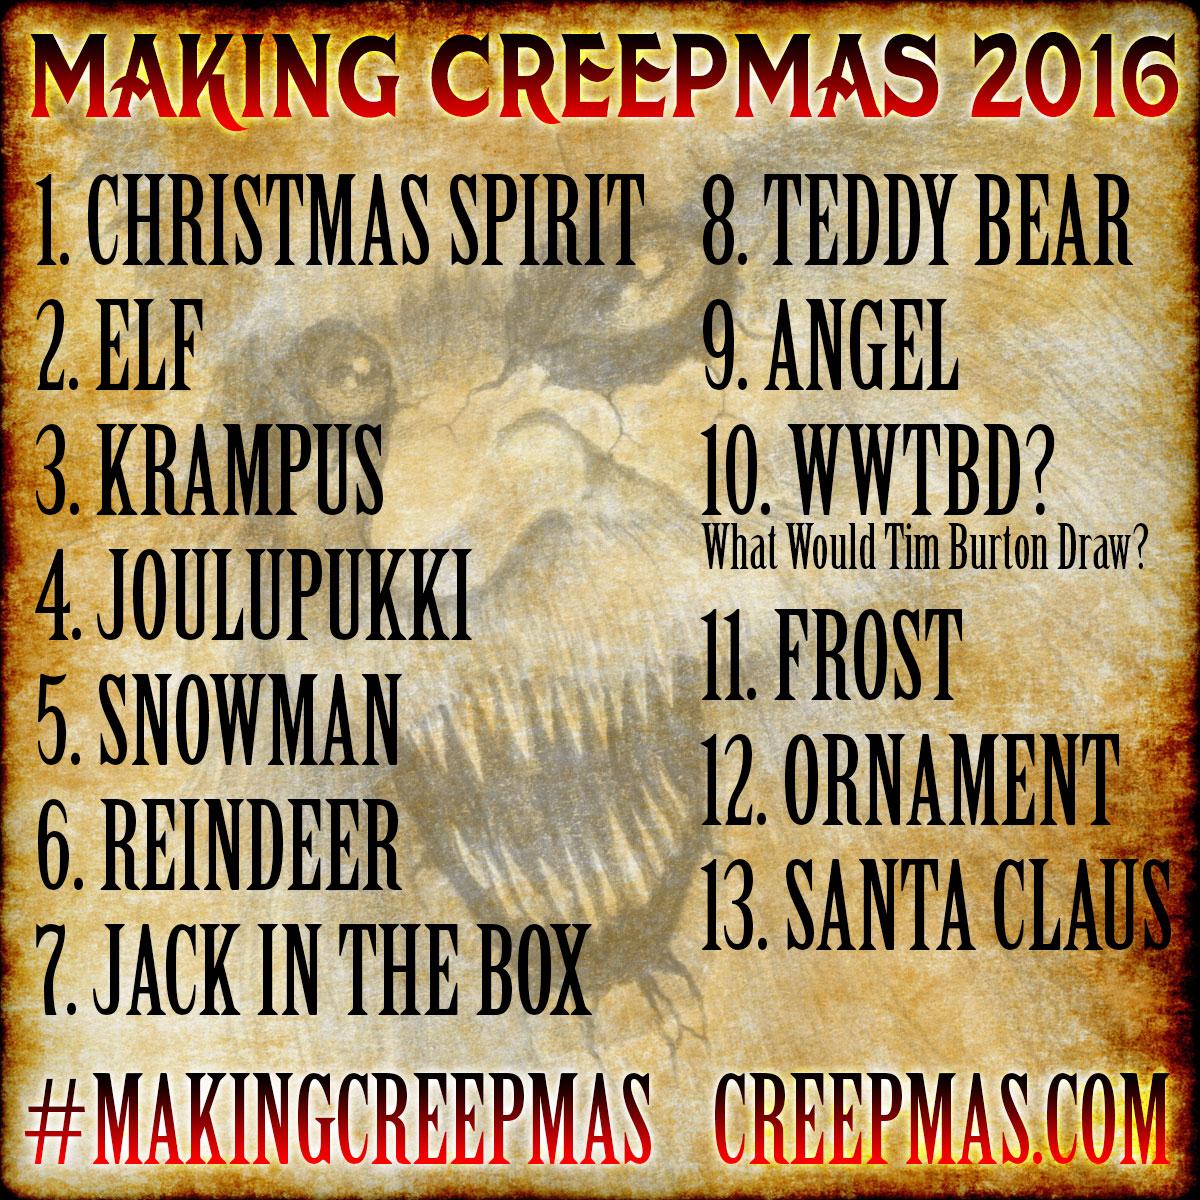 #MakingCreepmas